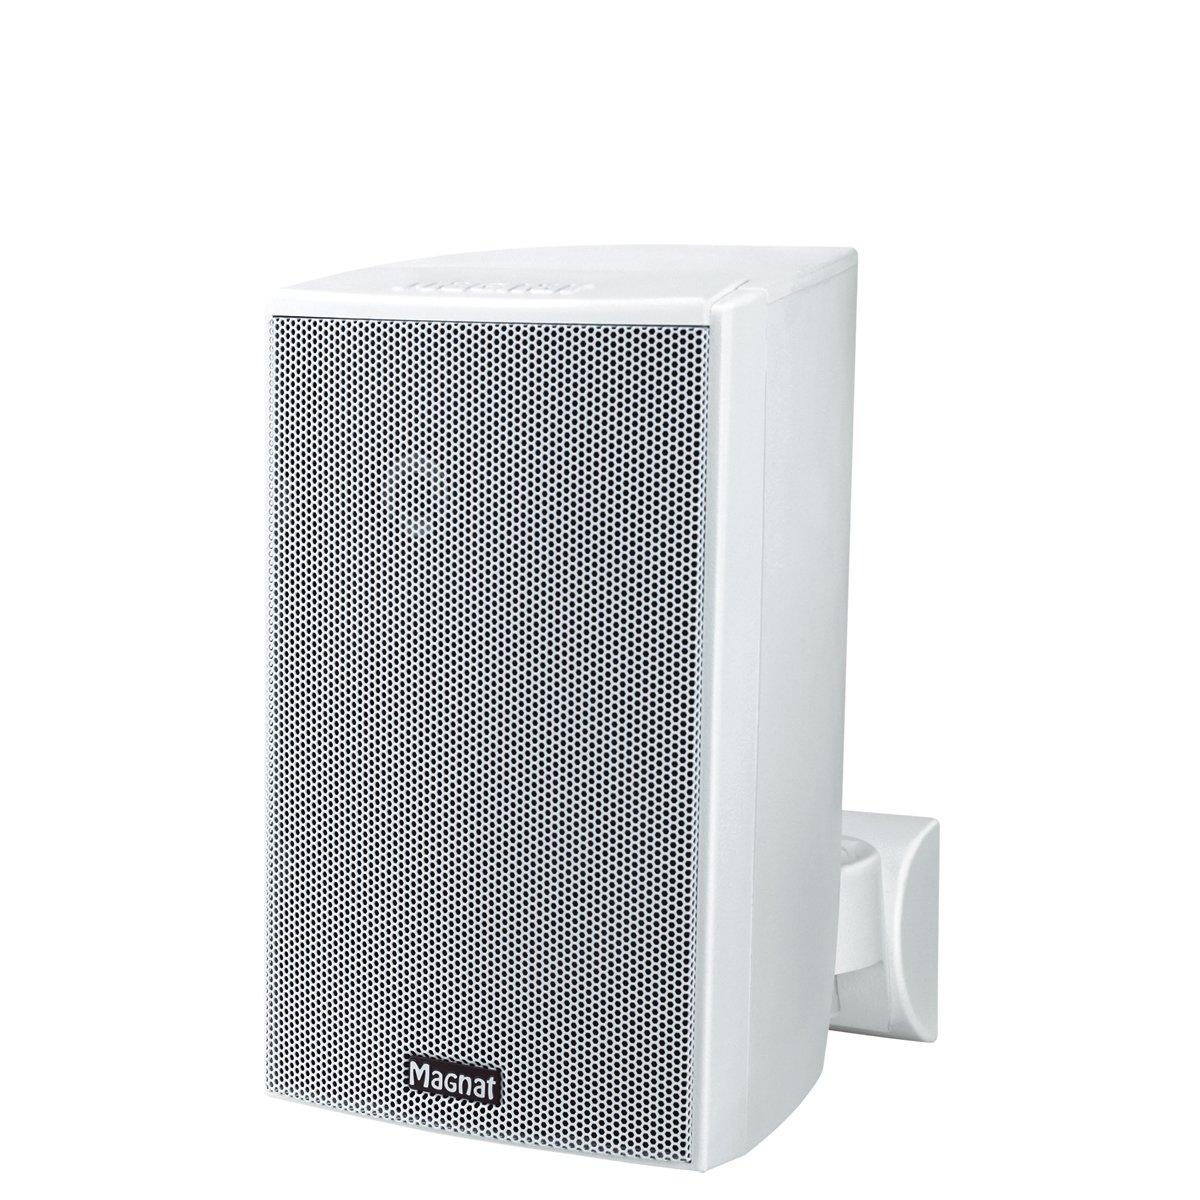 Magnat Symbol Pro 110 - Altavoz de estantería, color blanco